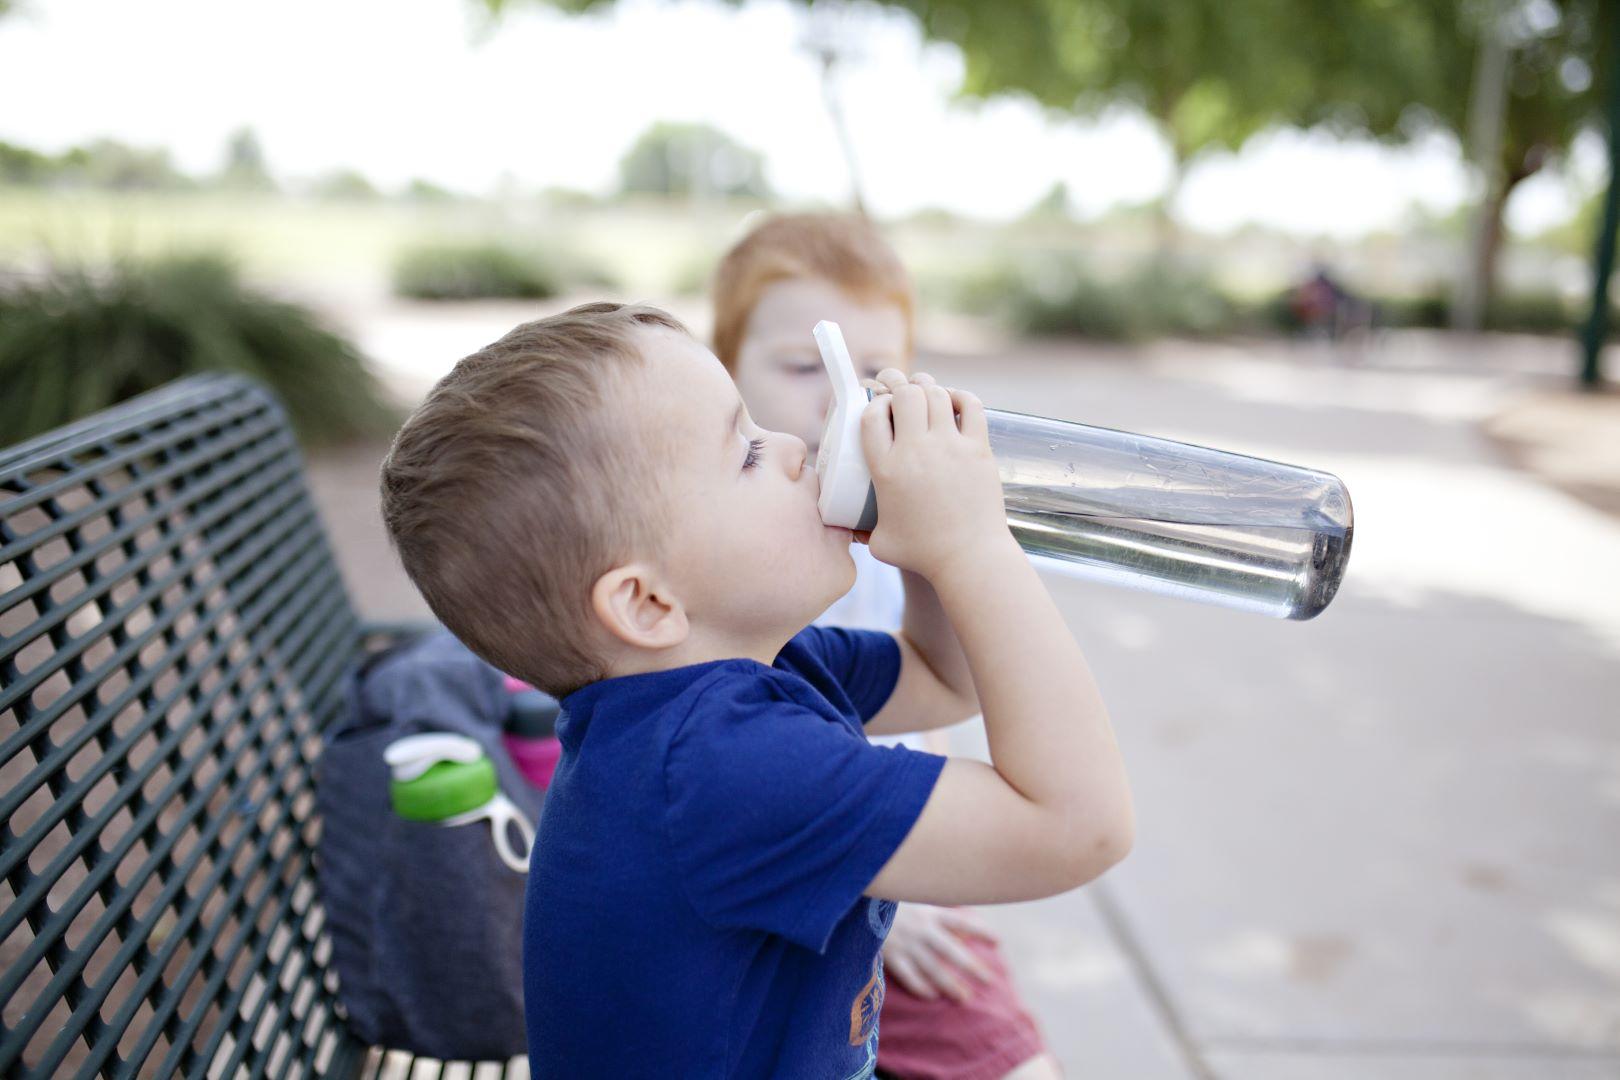 importanza sanificazione dei depuratori acqua